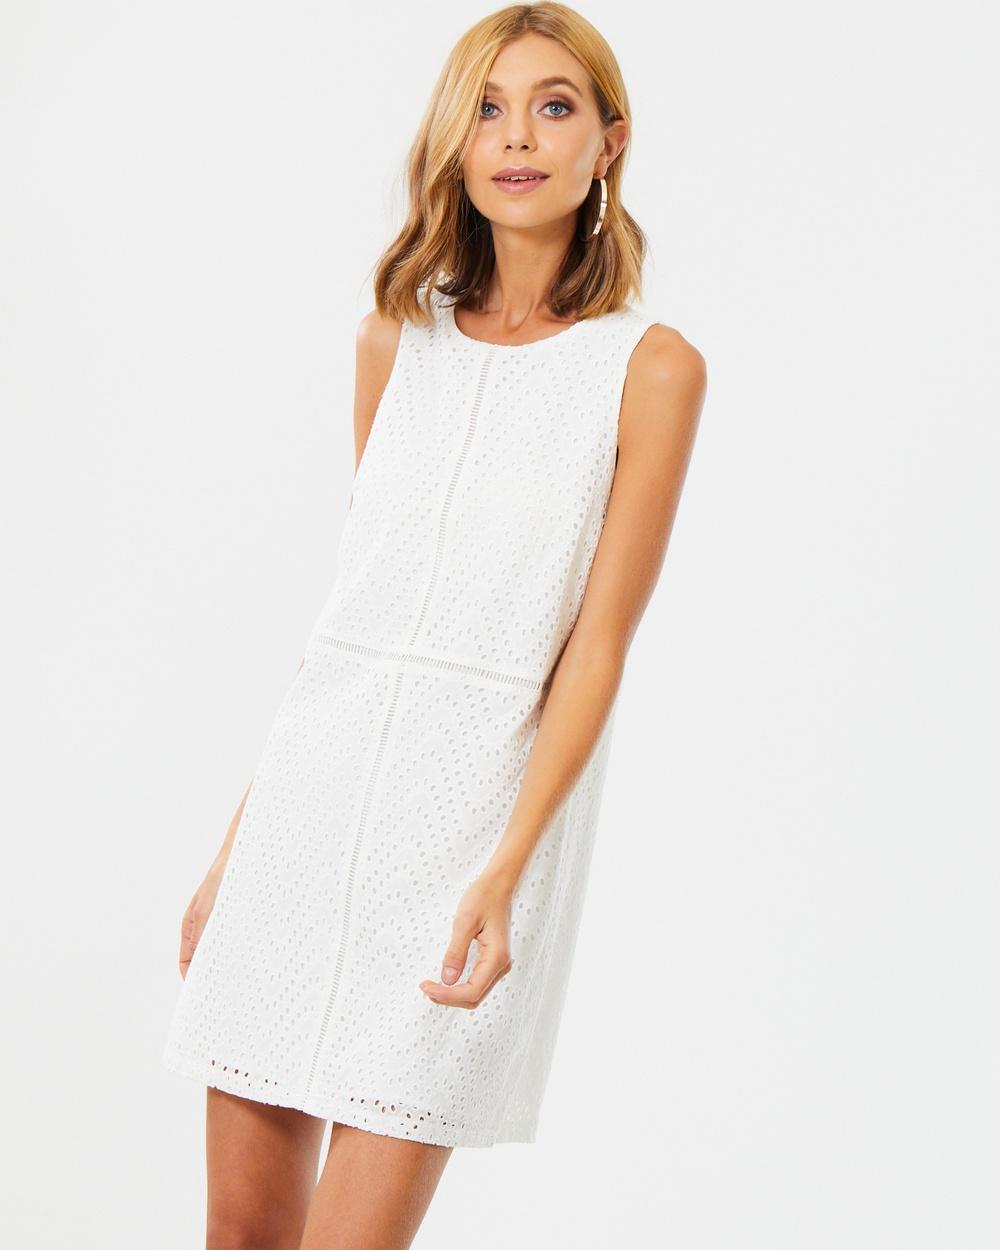 Calli Jessica Dress Dresses White Lace Jessica Dress